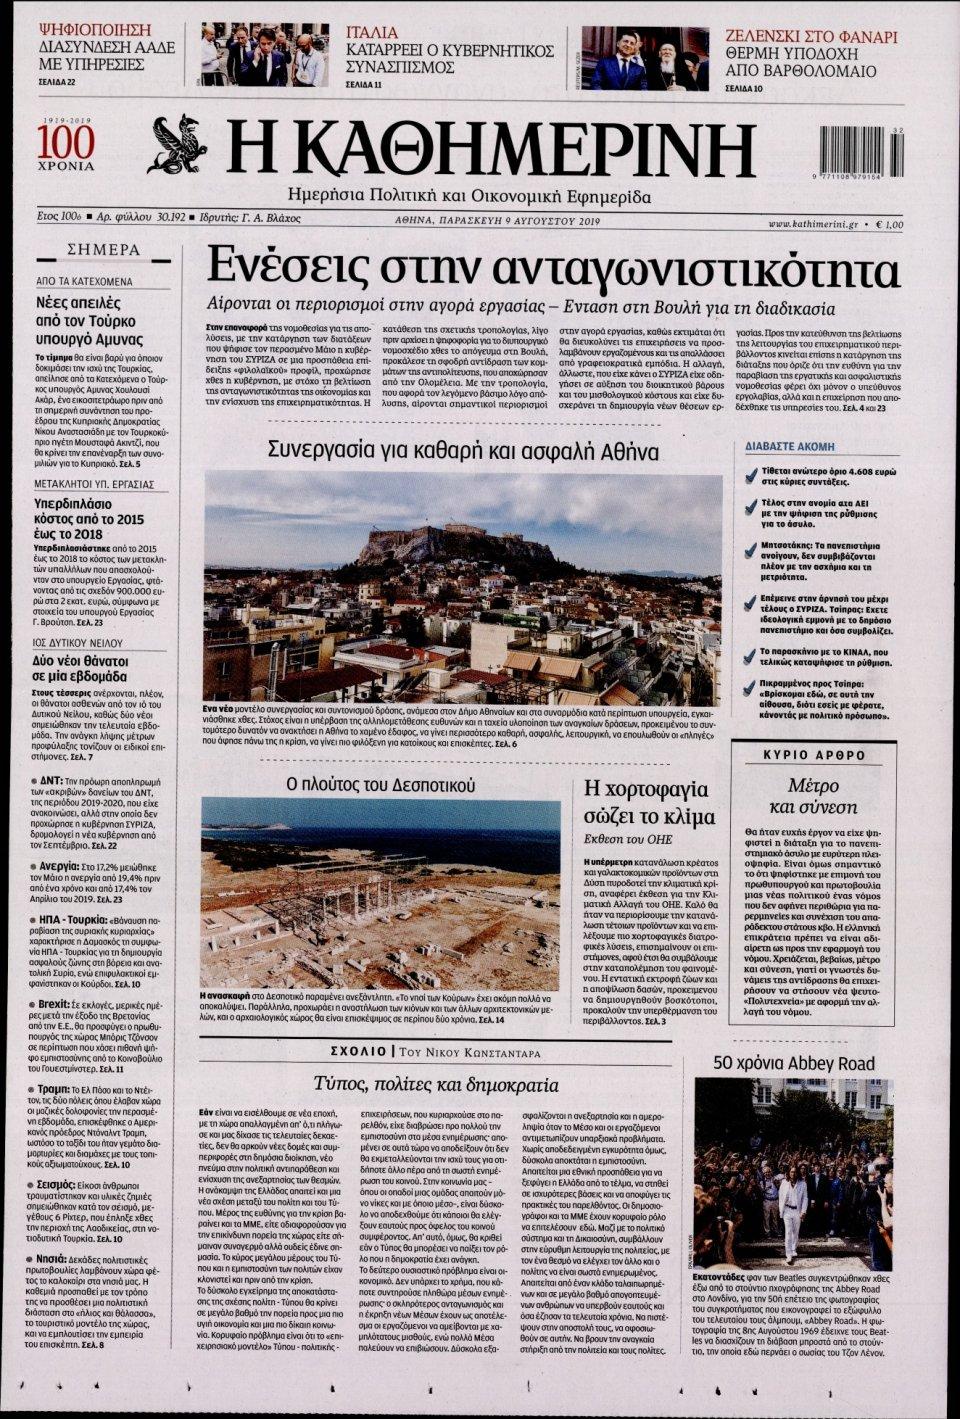 Πρωτοσέλιδο Εφημερίδας - Καθημερινή - 2019-08-09